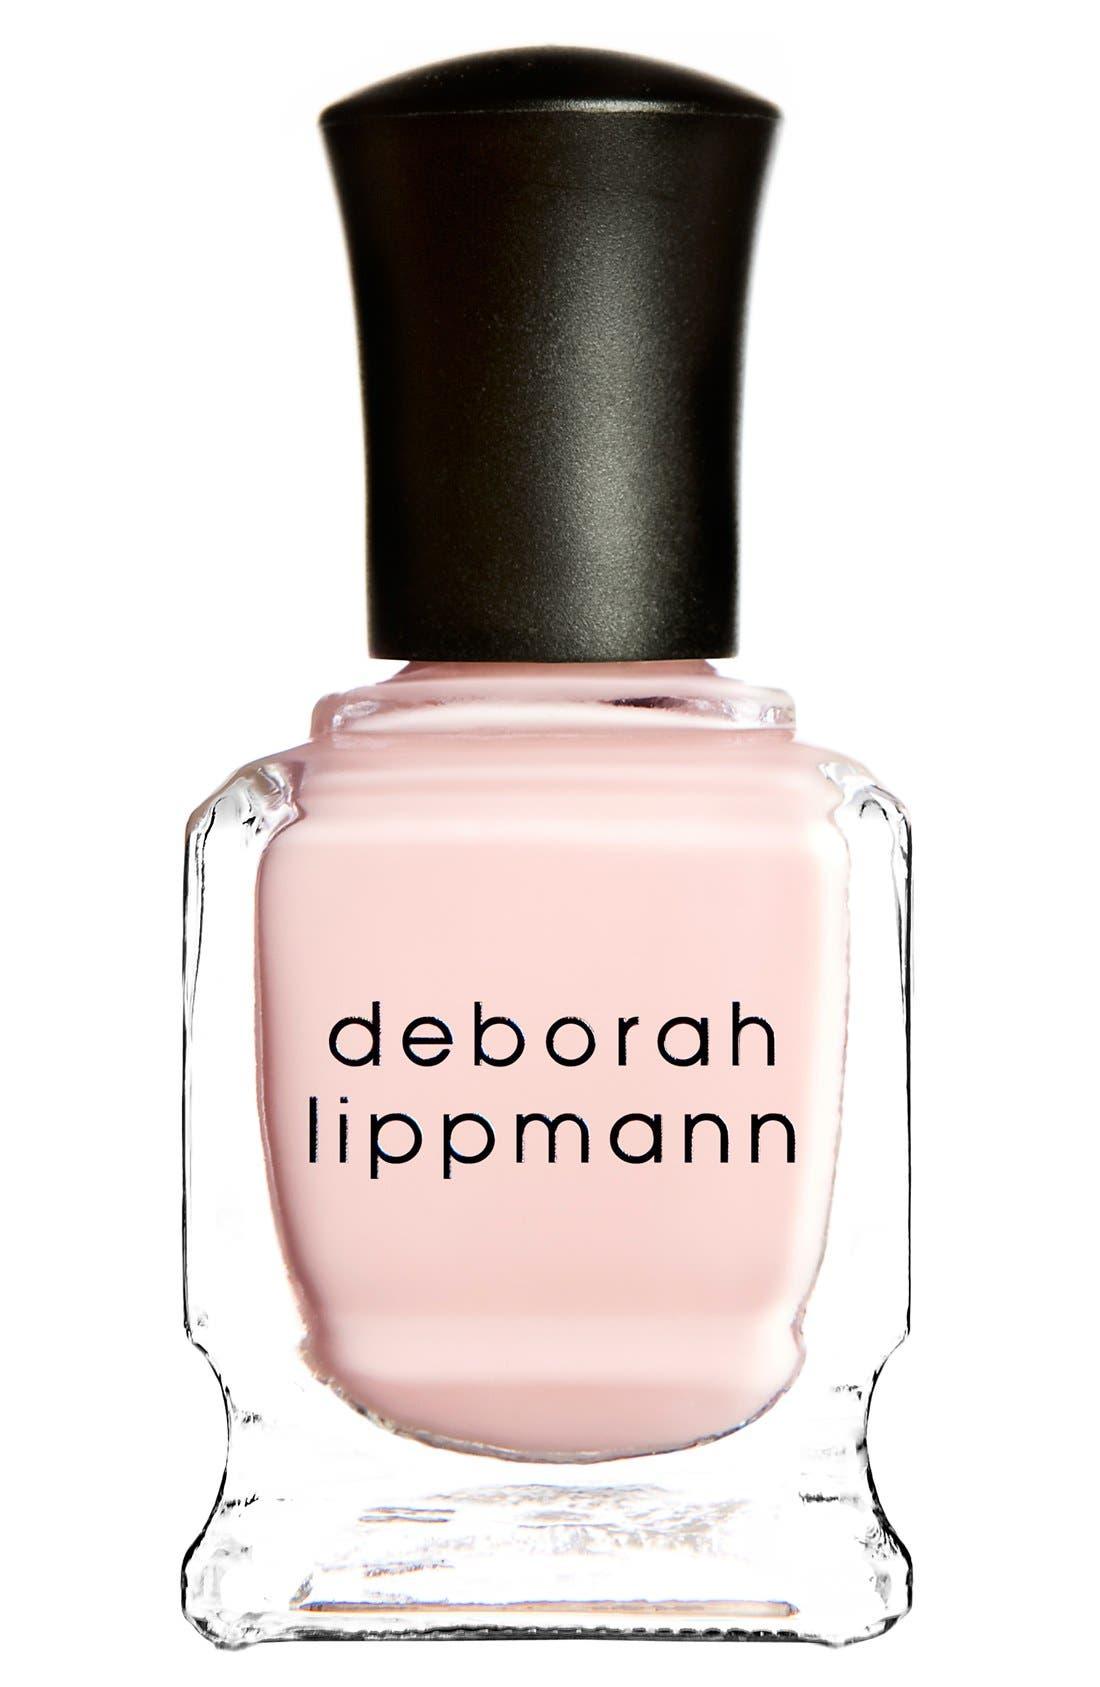 Deborah Lippmann Nail Color (Nordstrom Exclusive)